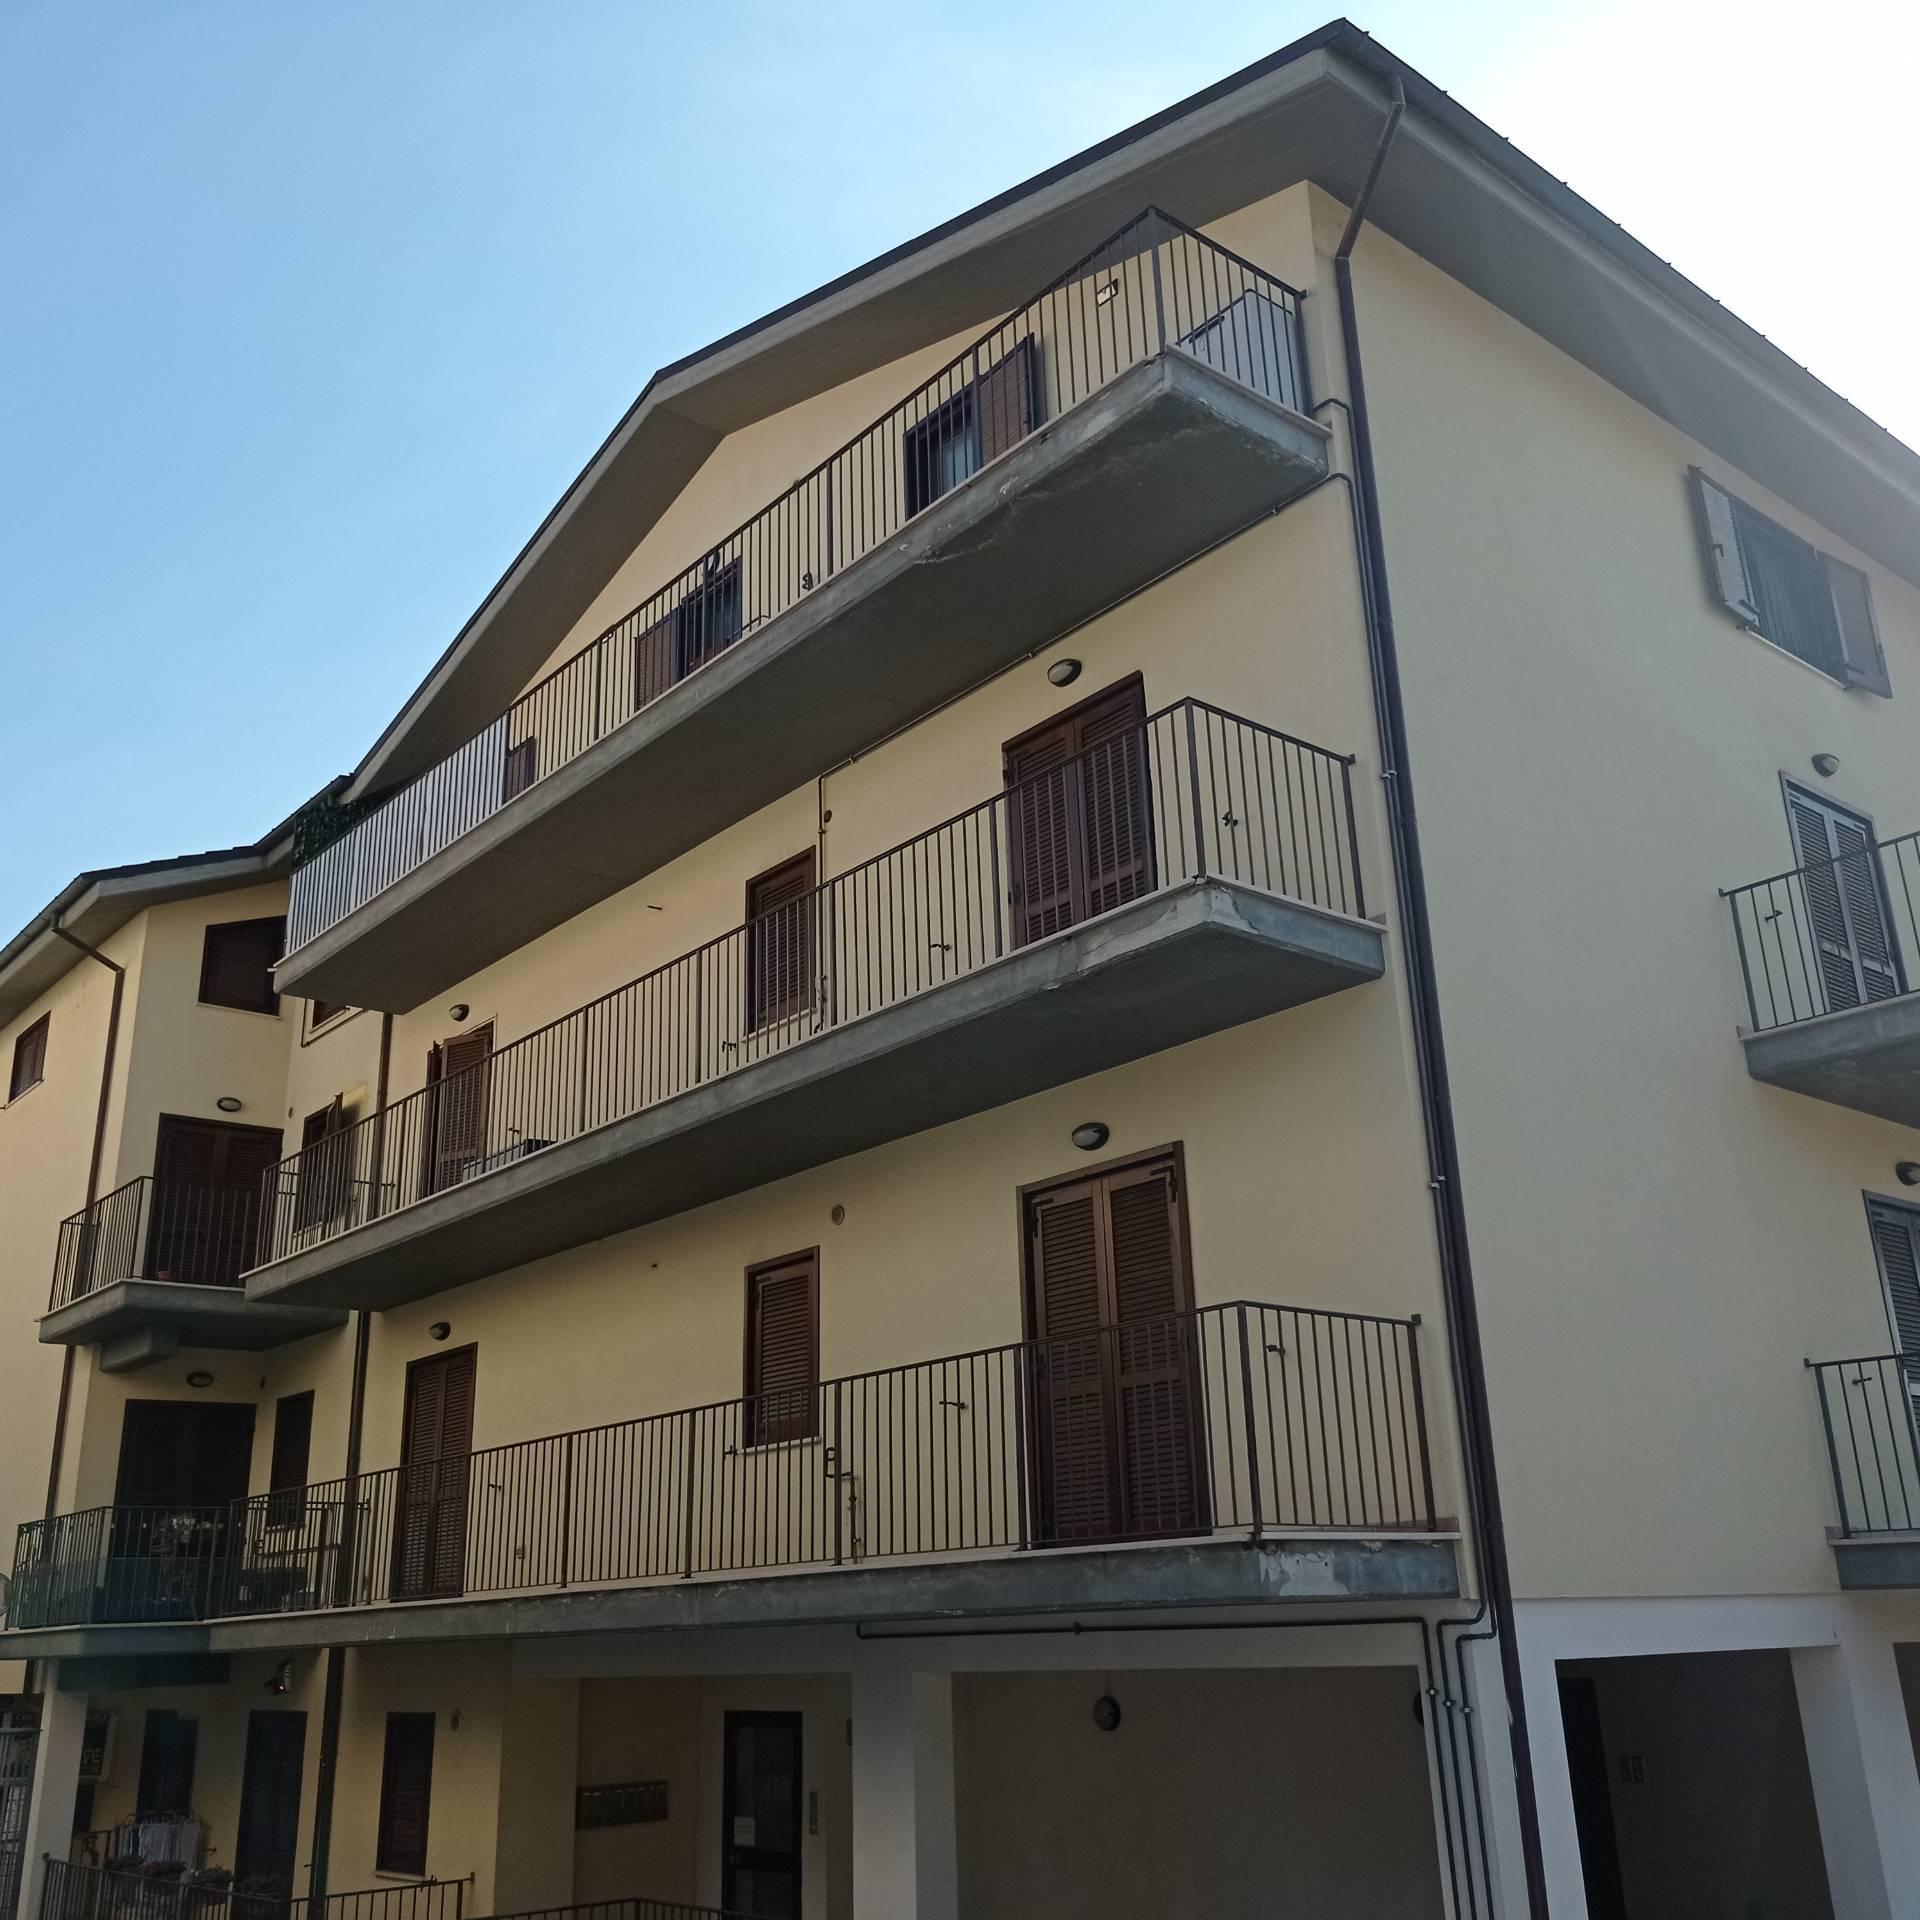 Attico / Mansarda in vendita a L'Aquila, 3 locali, zona ito, prezzo € 70.000 | PortaleAgenzieImmobiliari.it